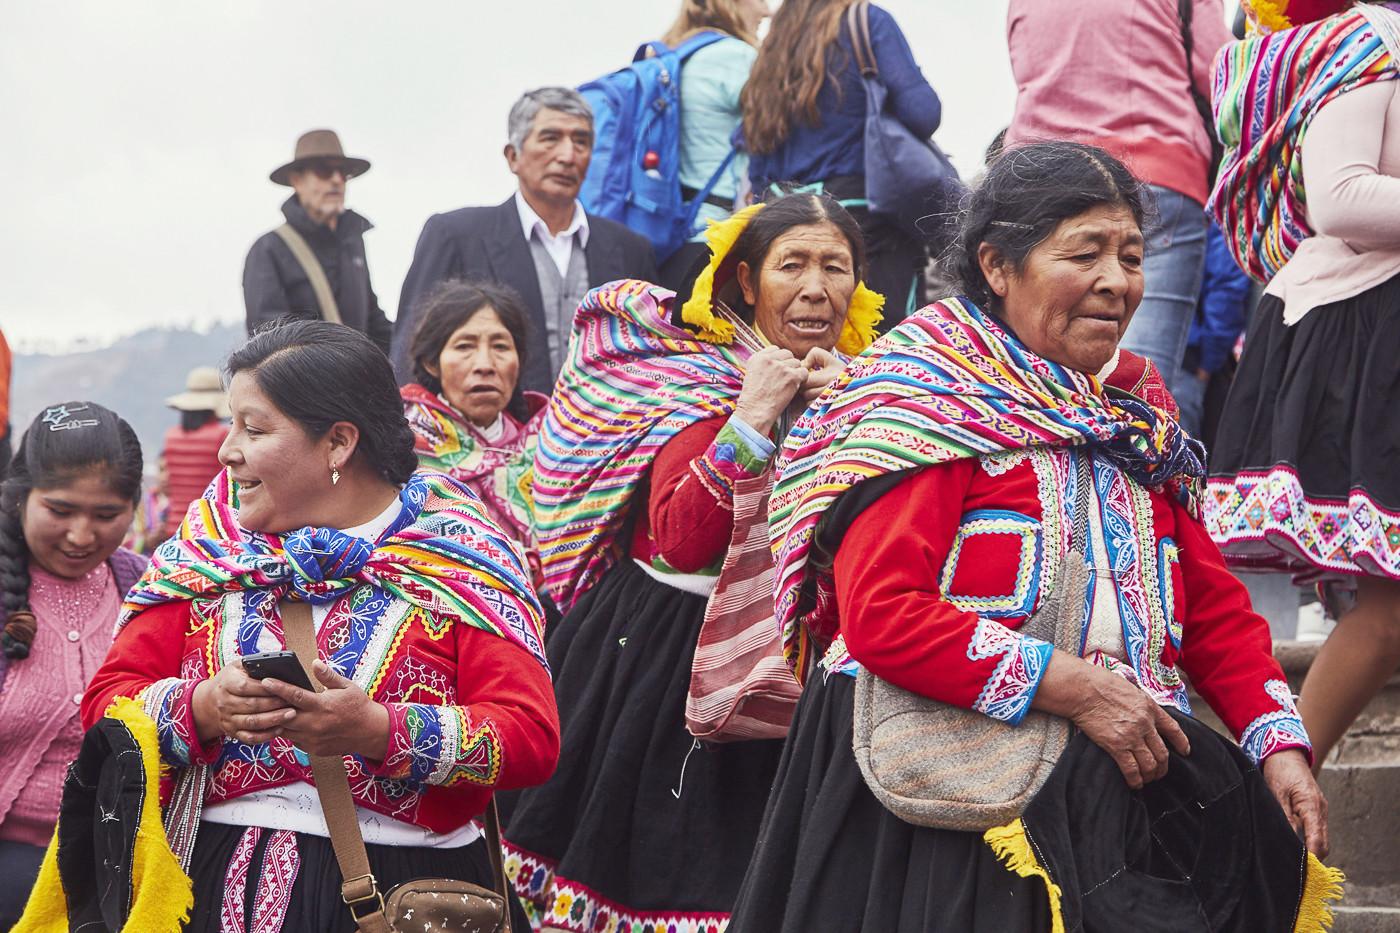 Frauen auf dem Weg zur Parade in Cusco